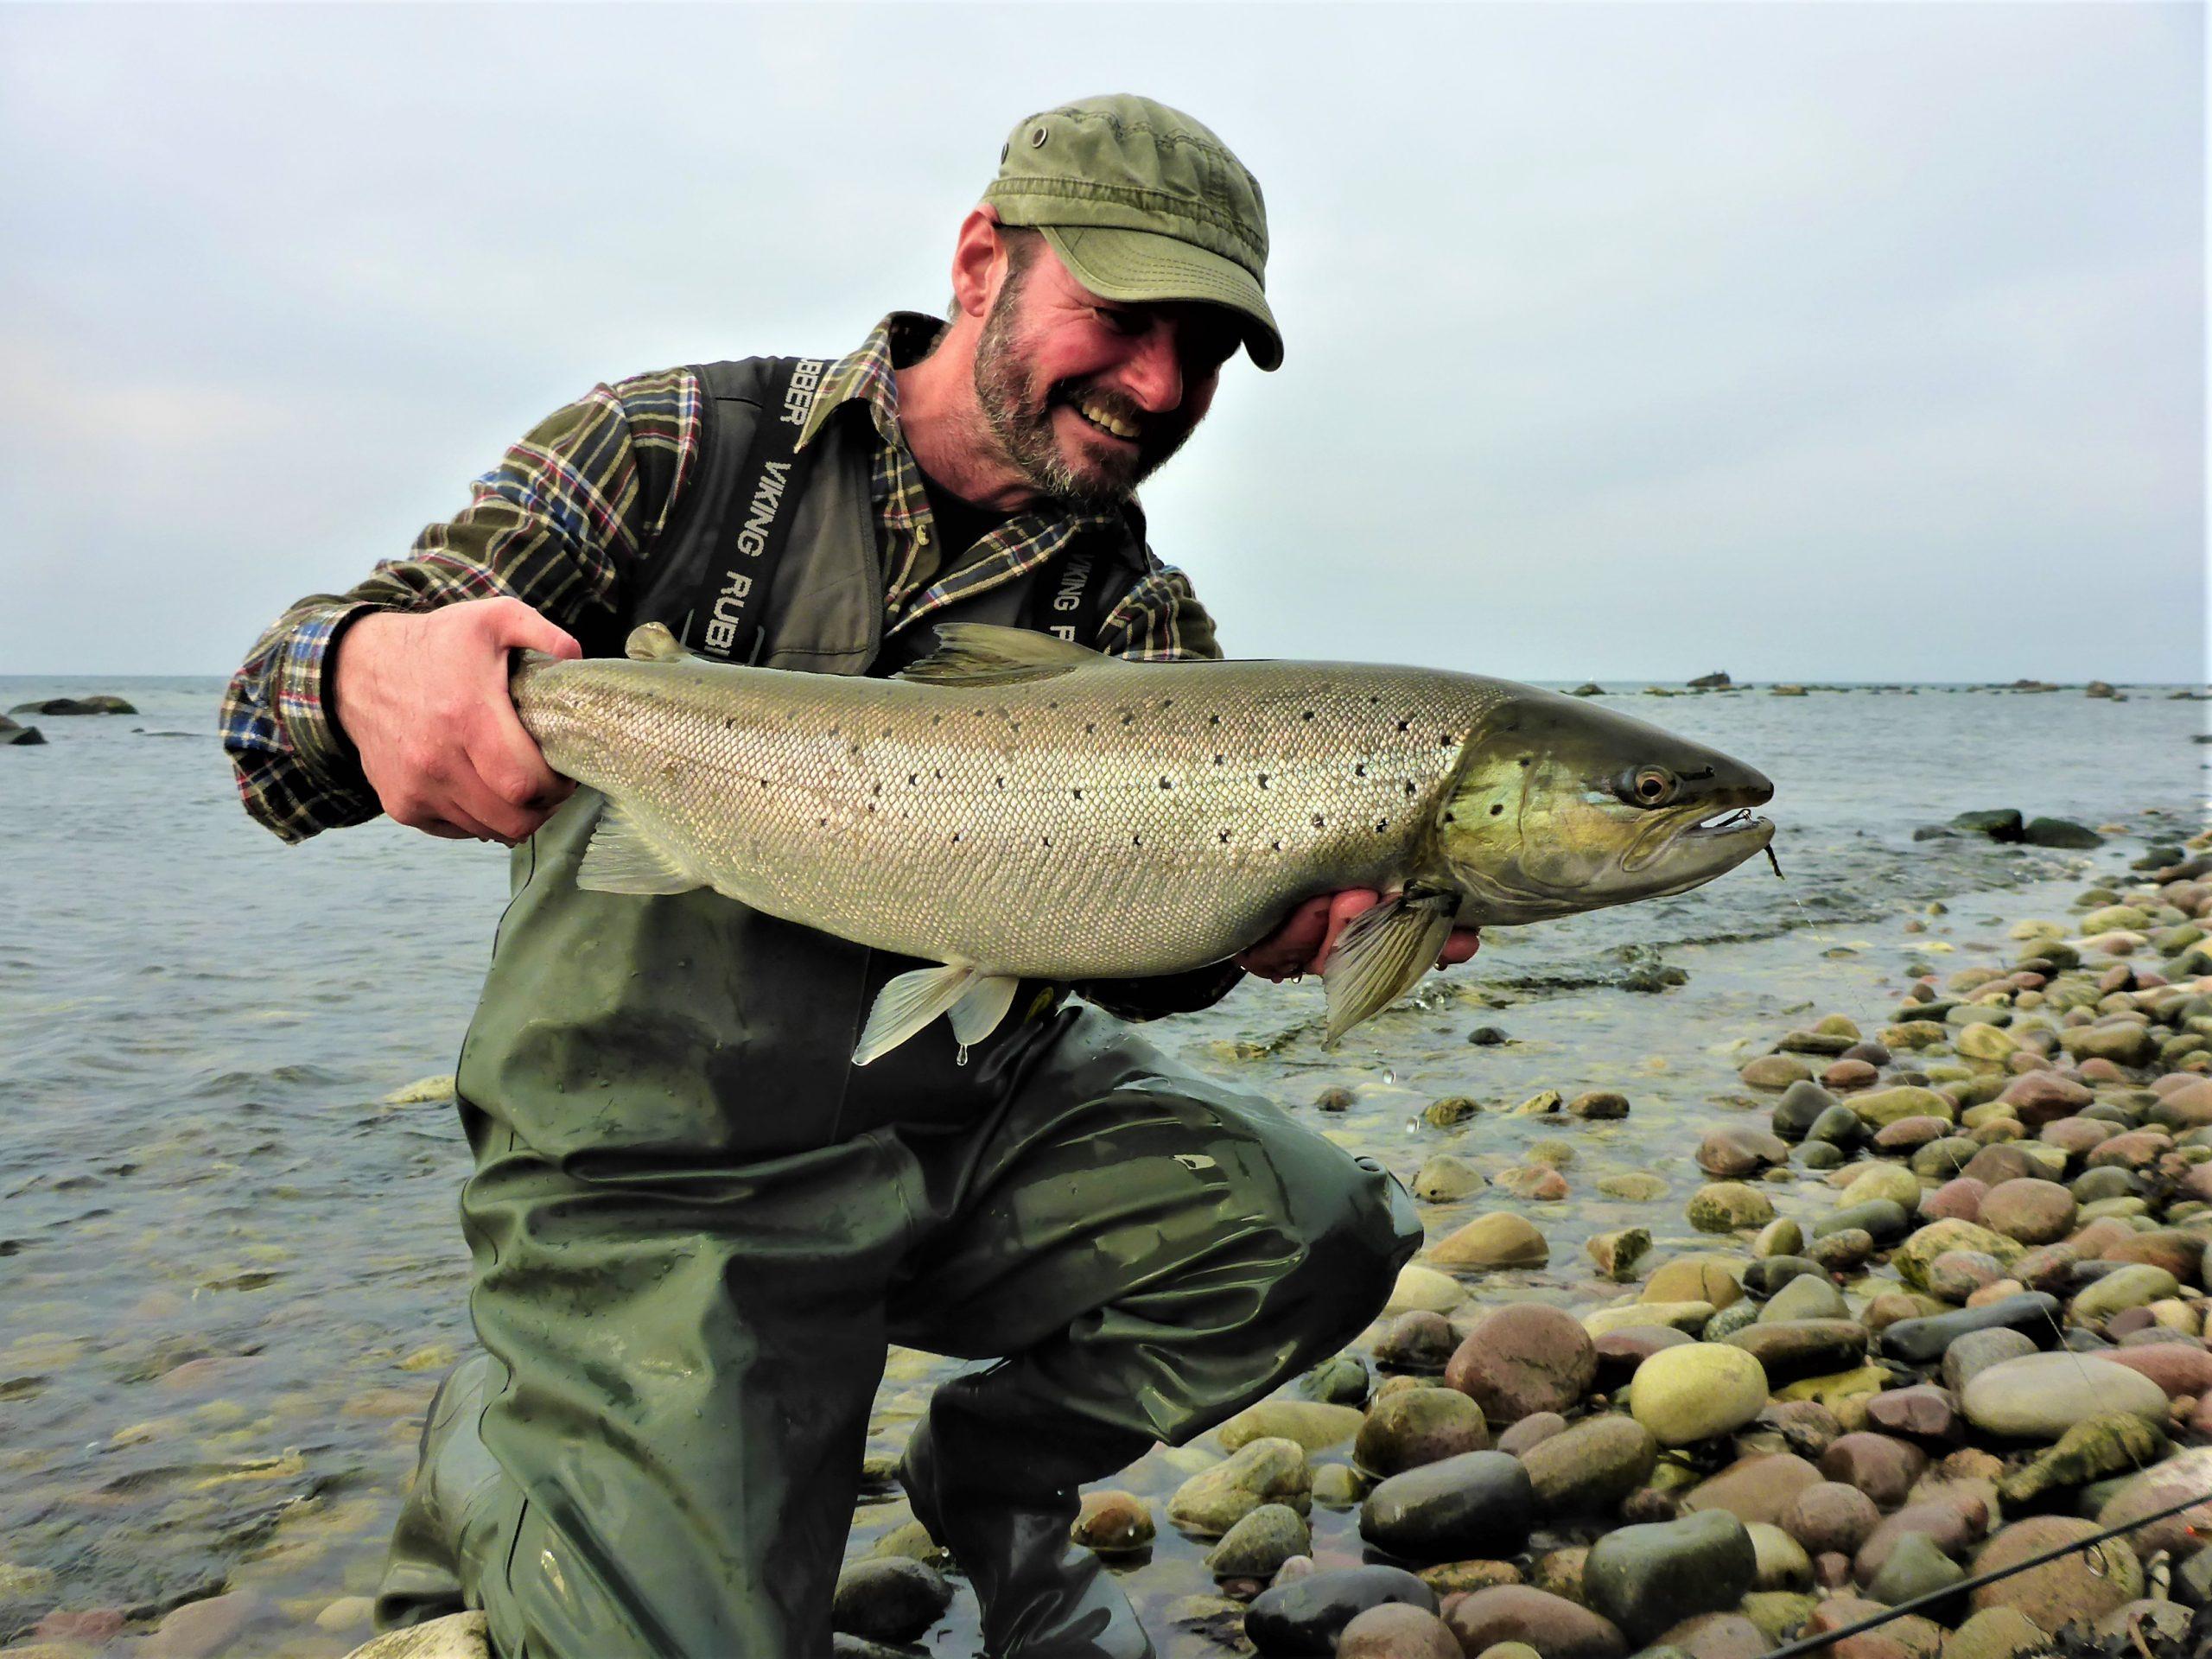 Kystfiskeri efter havørreder på Bornholm.